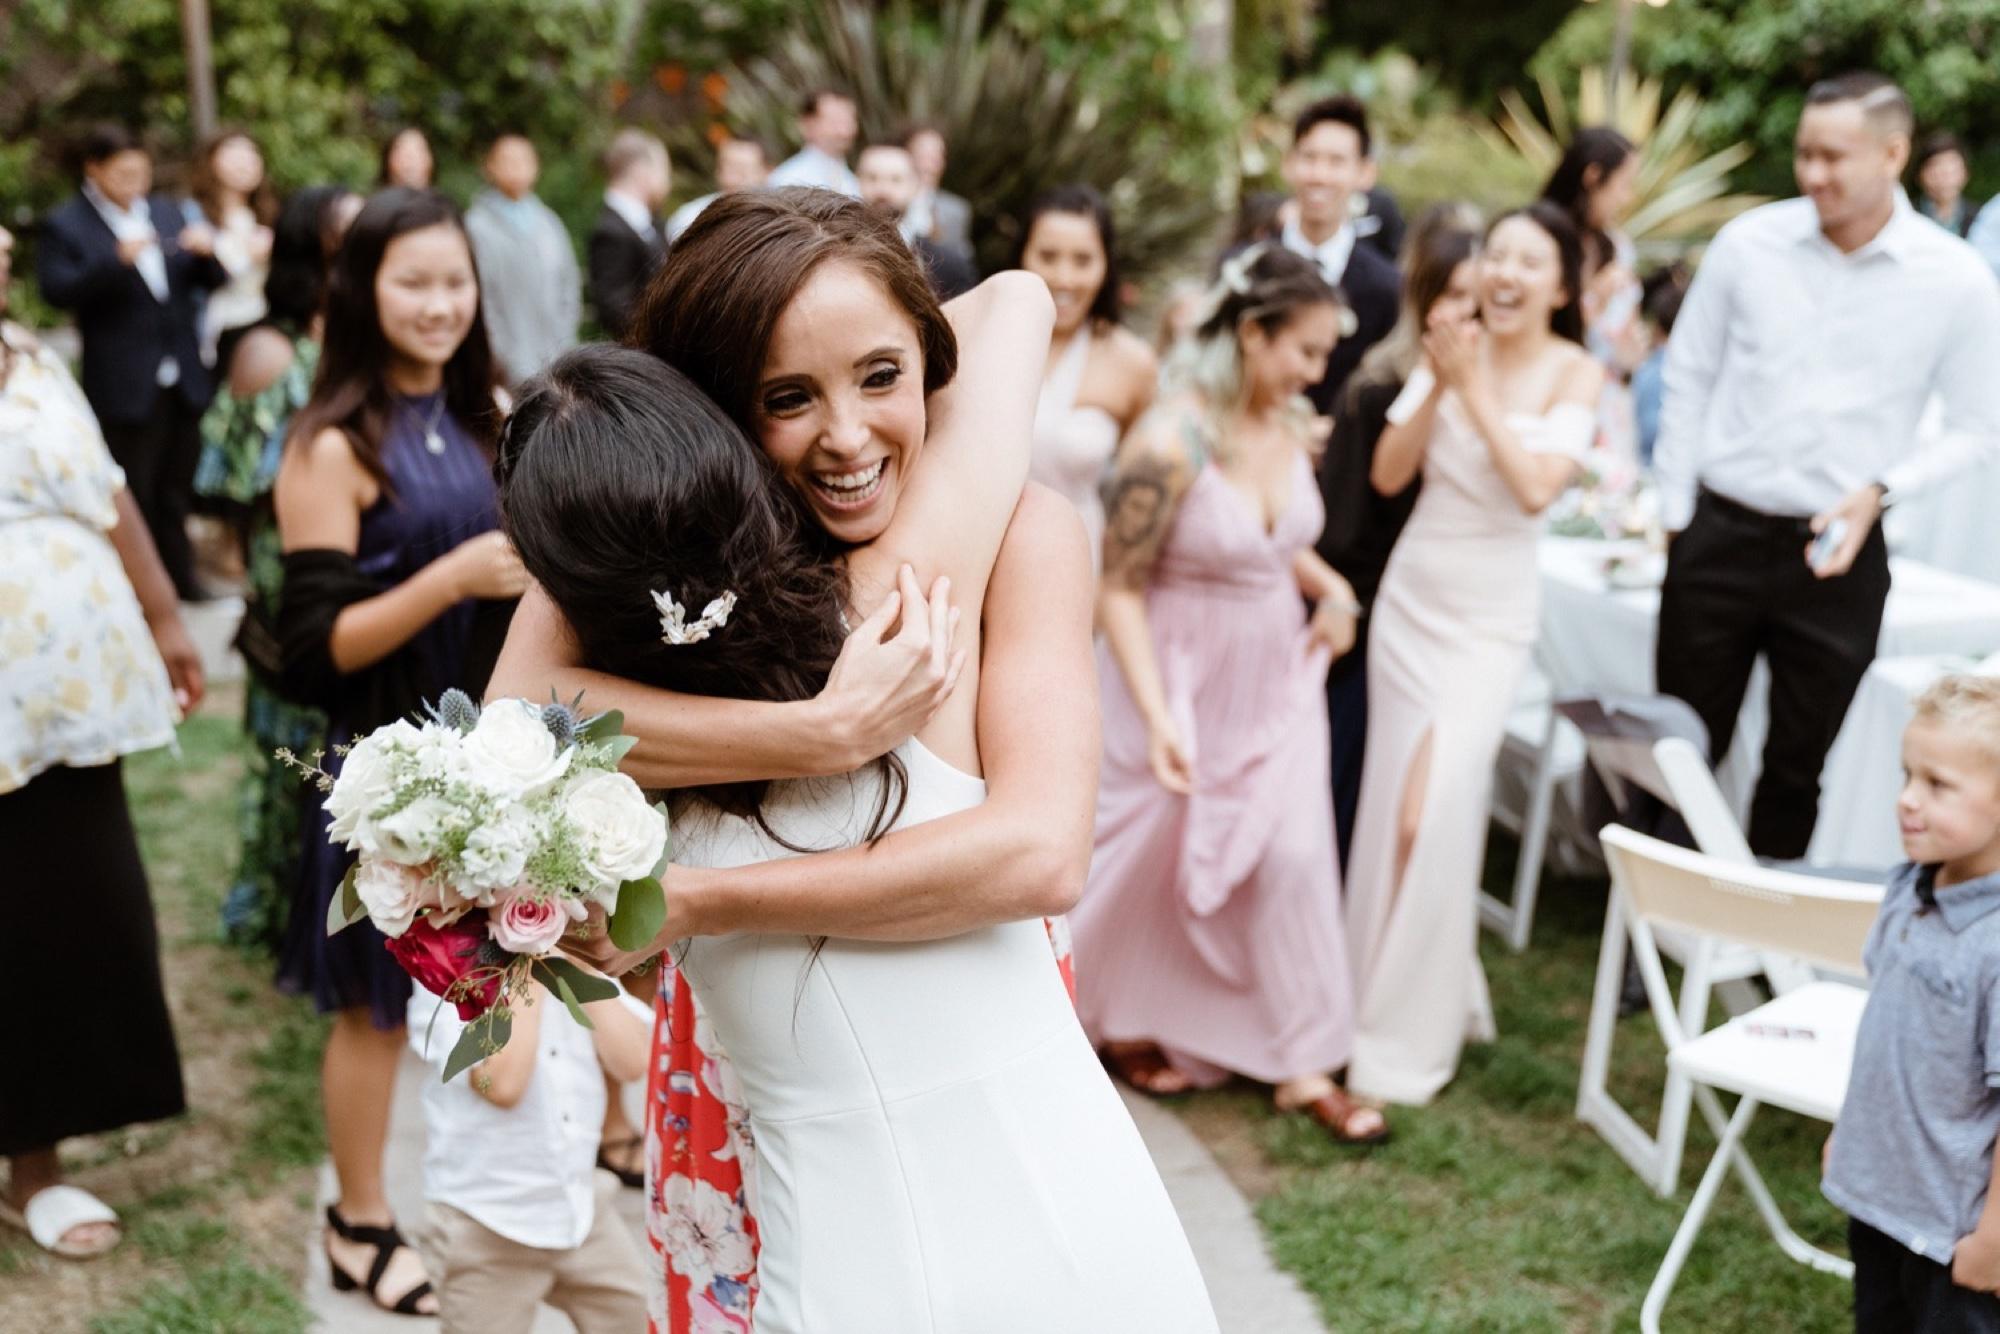 097_Shawna and Steve's Wedding-594.jpg